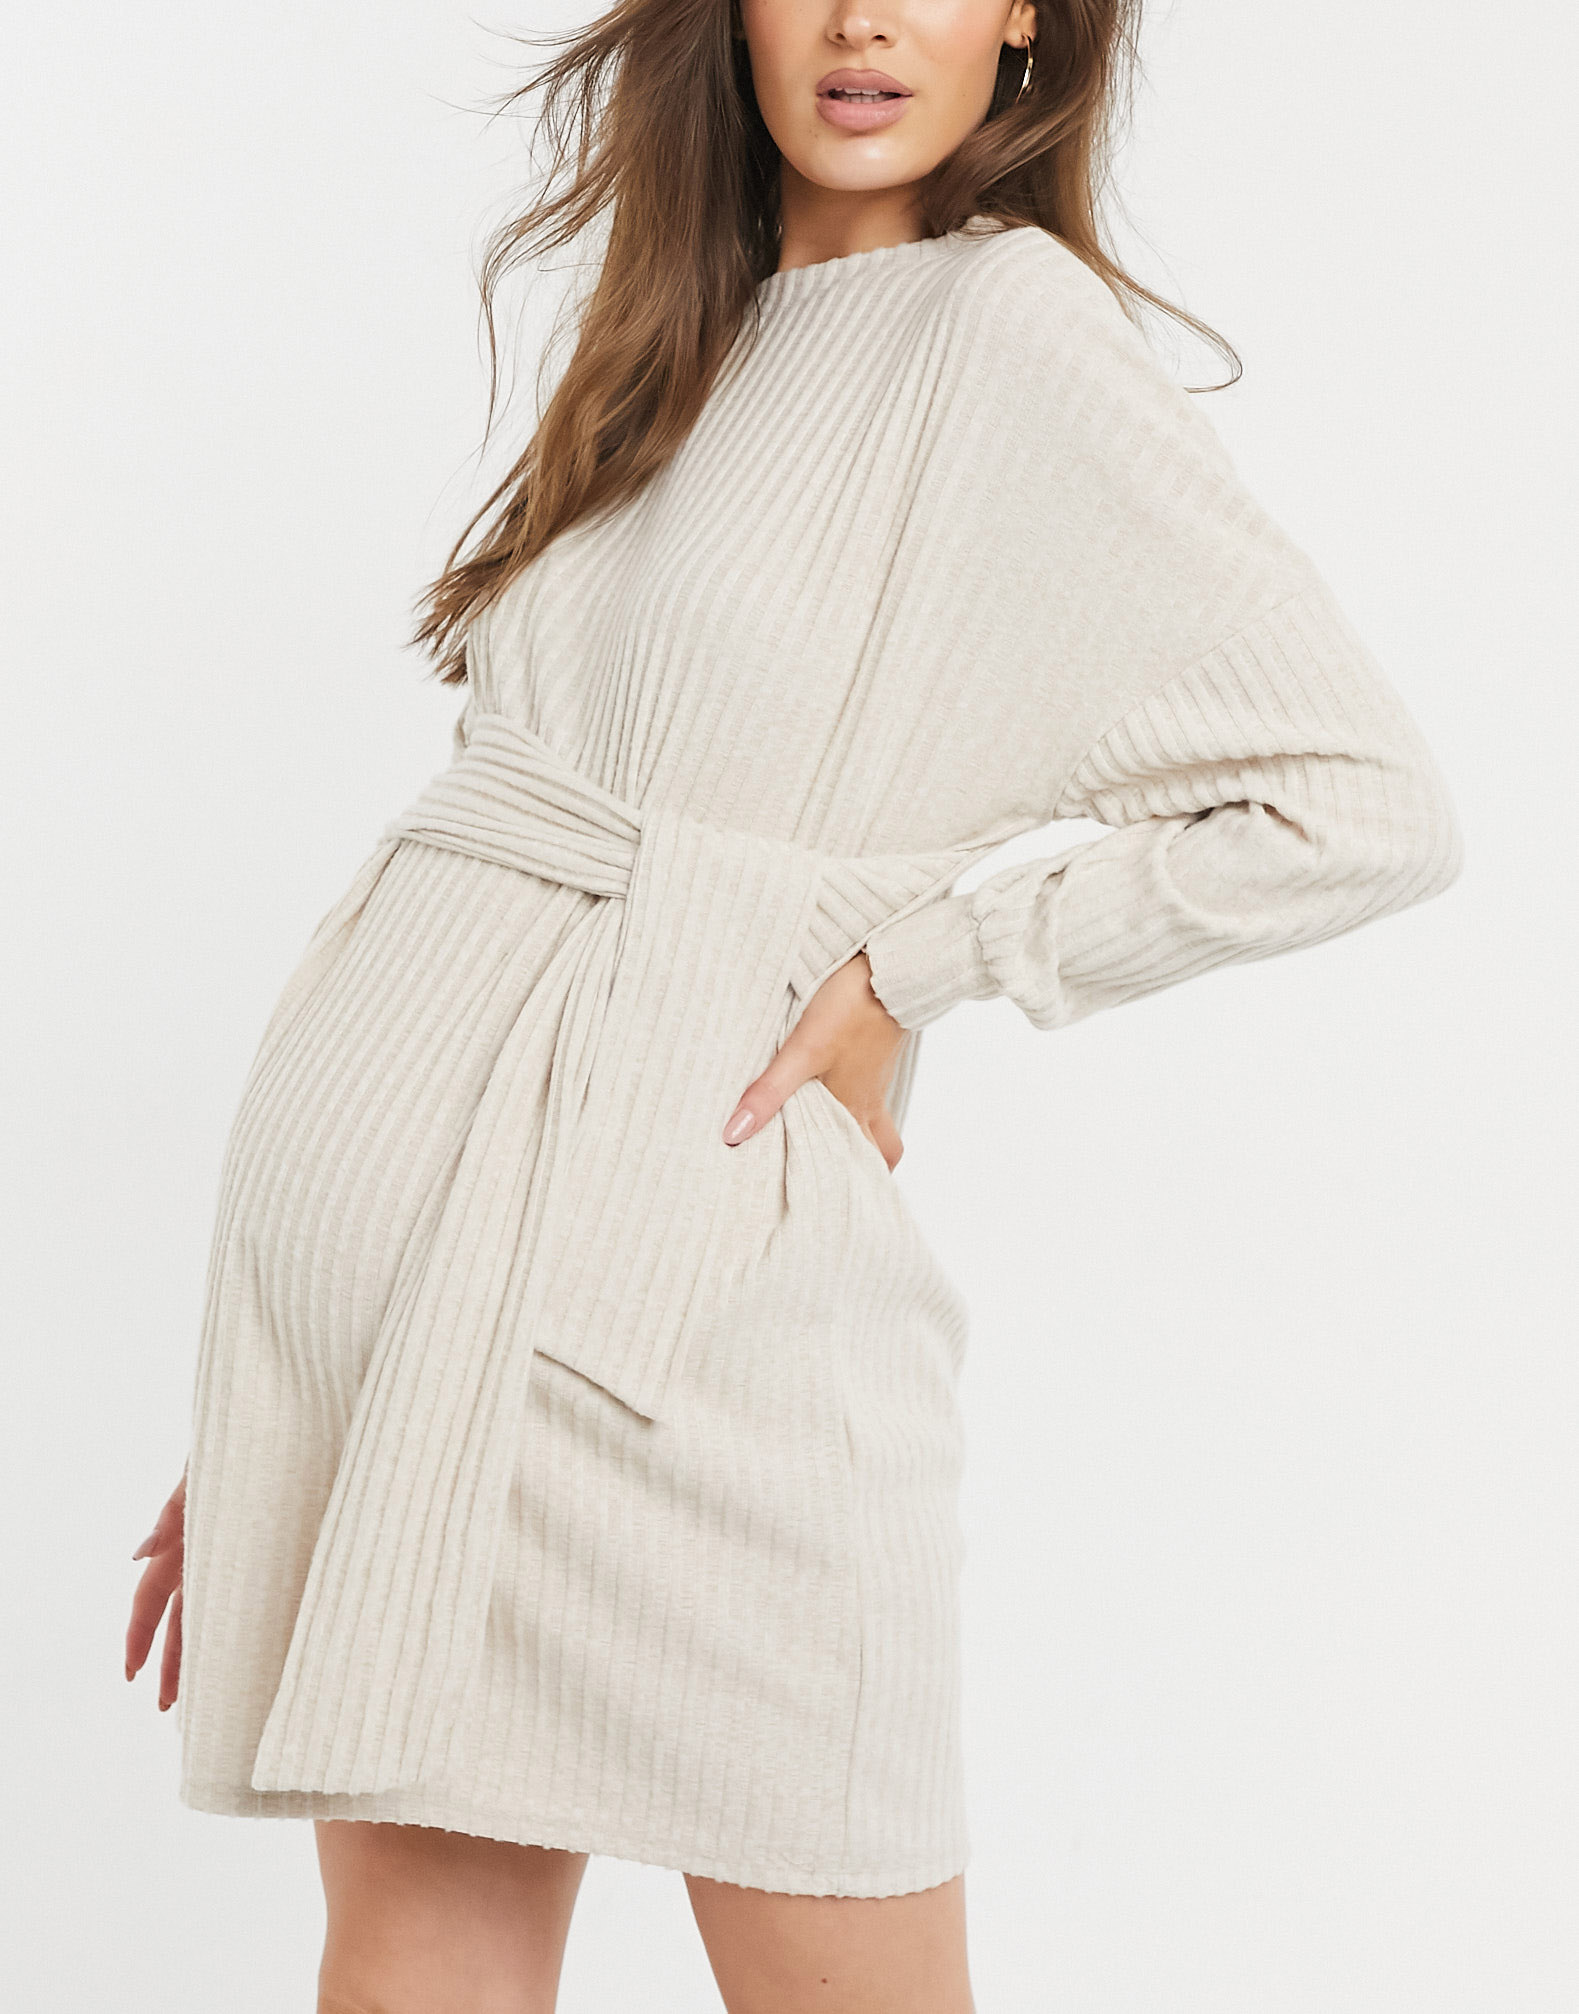 Vestido corto color avena con lazada en la cintura de canalé cepillado